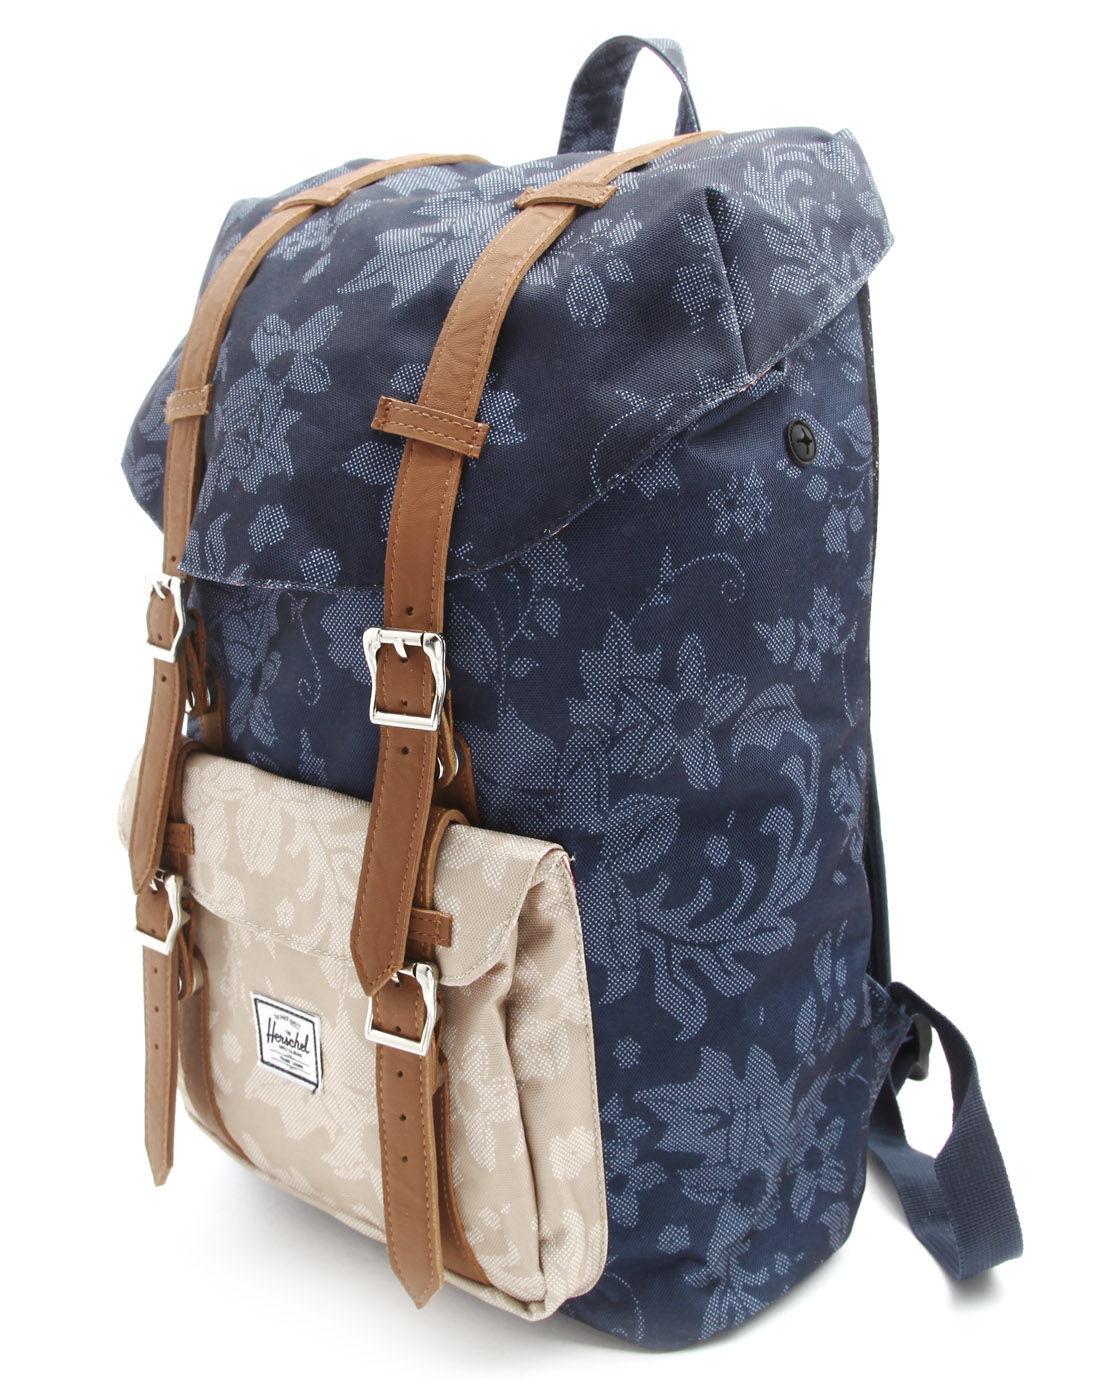 herschel supply co little america mid volume blue and beige flower print backpack in blue for. Black Bedroom Furniture Sets. Home Design Ideas